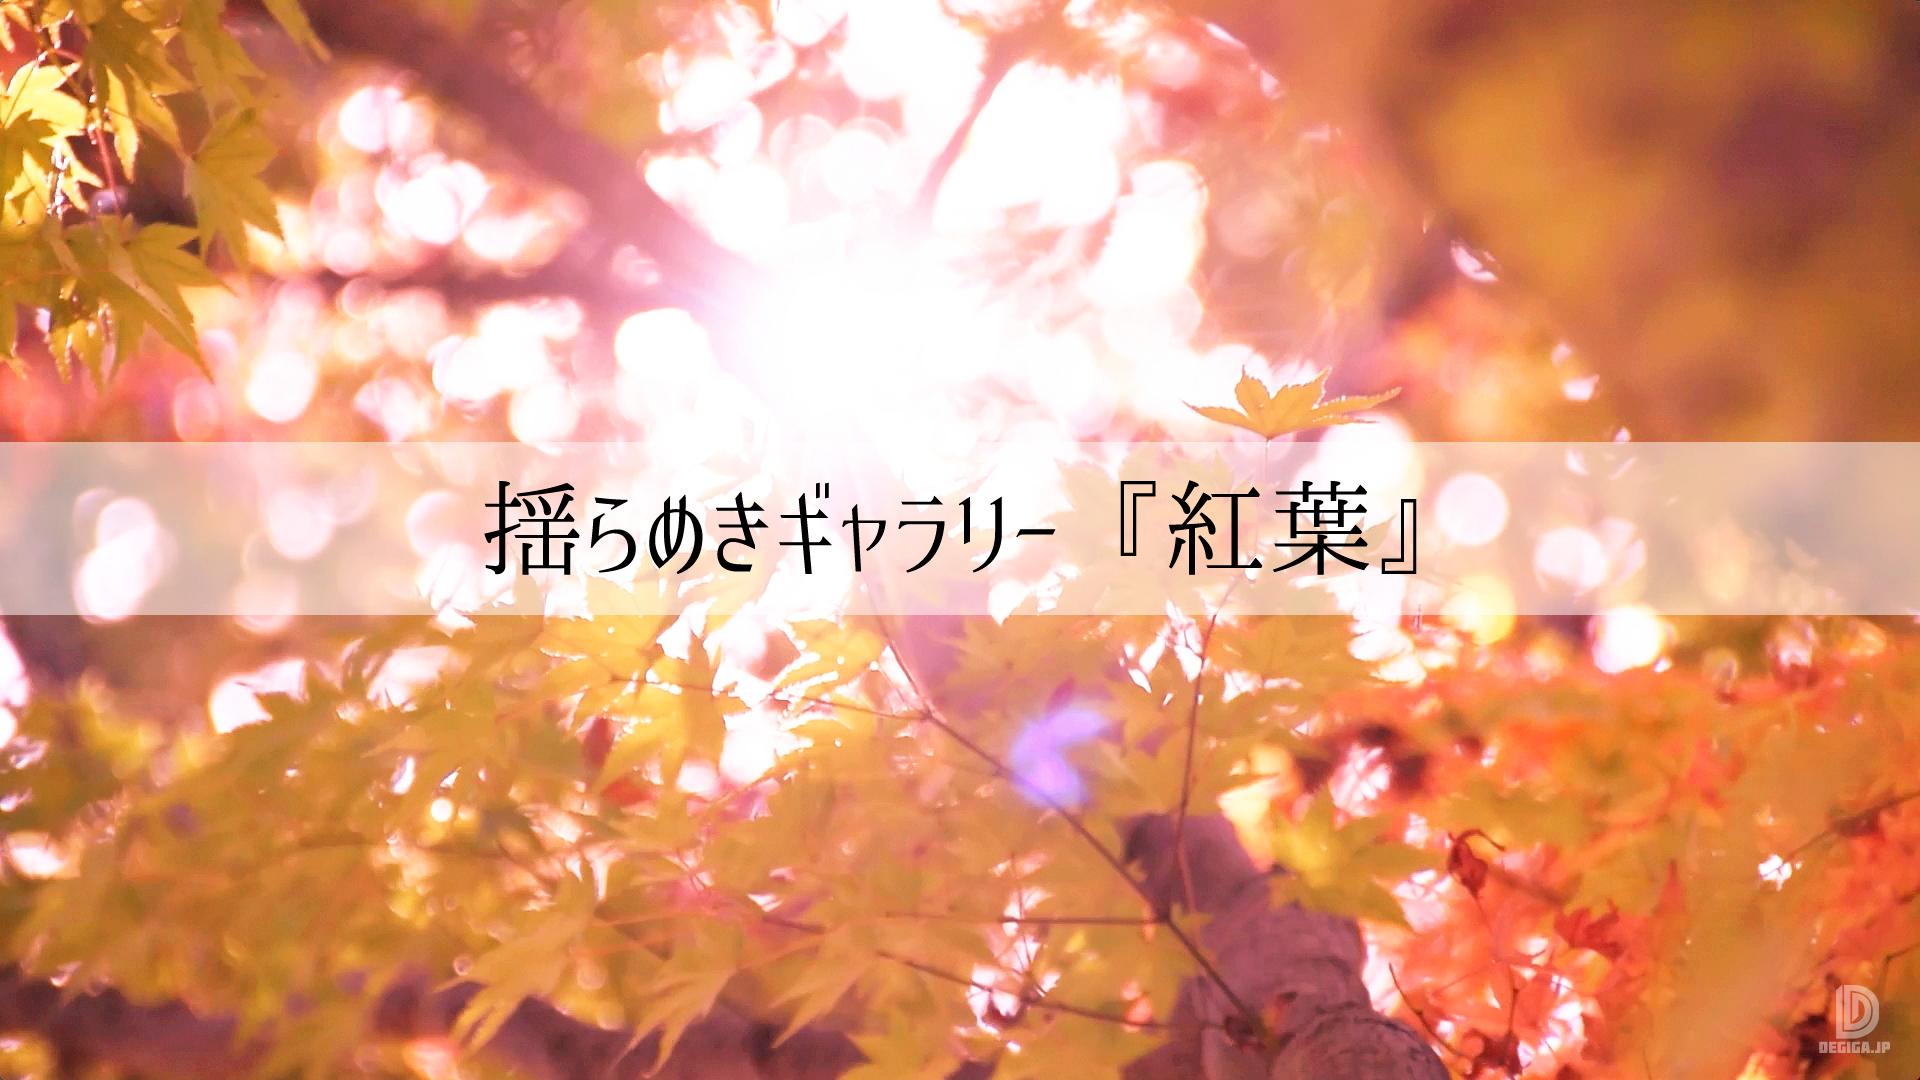 新作動画素材『揺らめきギャラリー・紅葉』デモ表紙